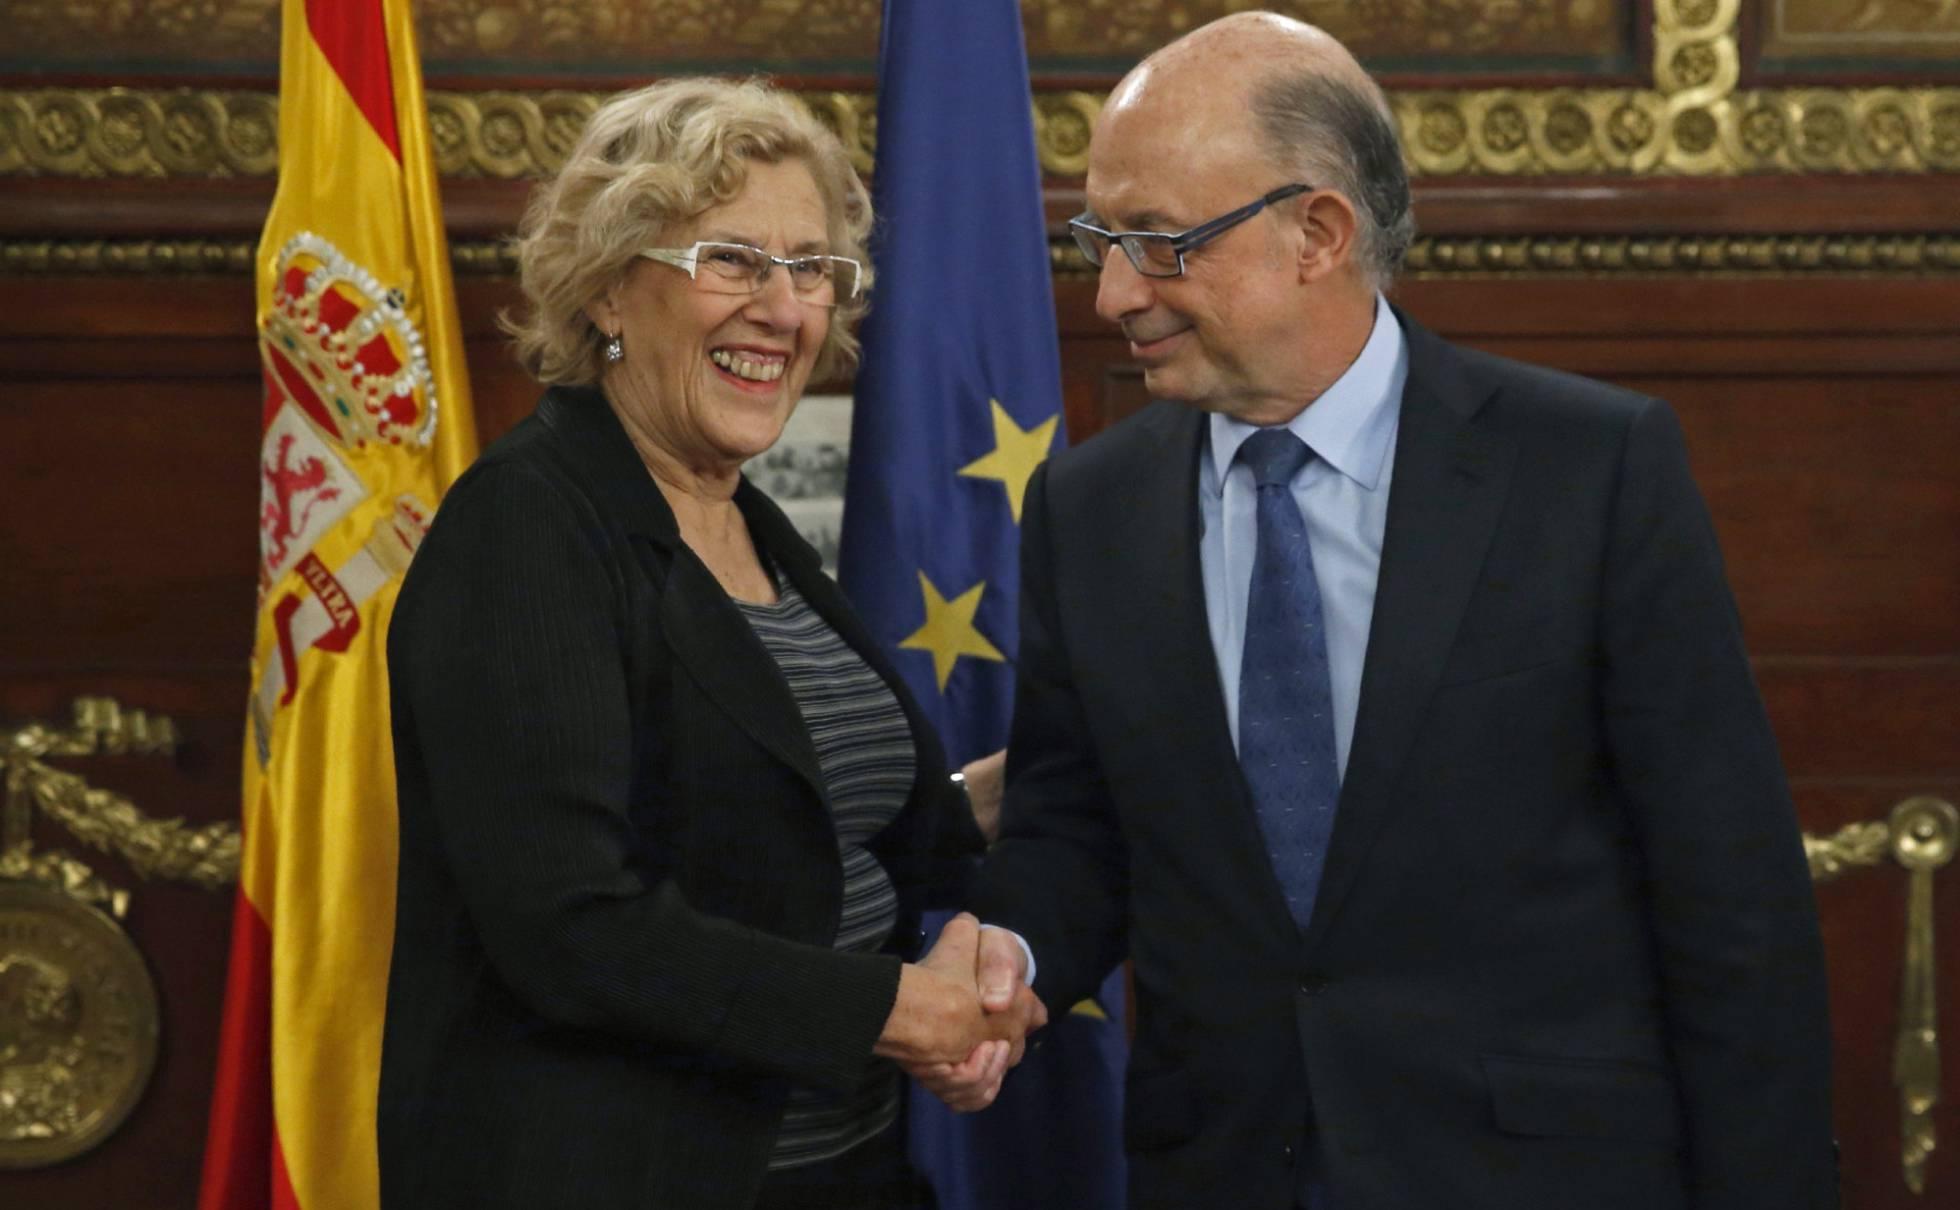 """Carmena, en un encuentro con empresarios: """"Tranquilos, no soy comunista"""" 1479753657_423668_1479753801_noticia_normal_recorte1"""